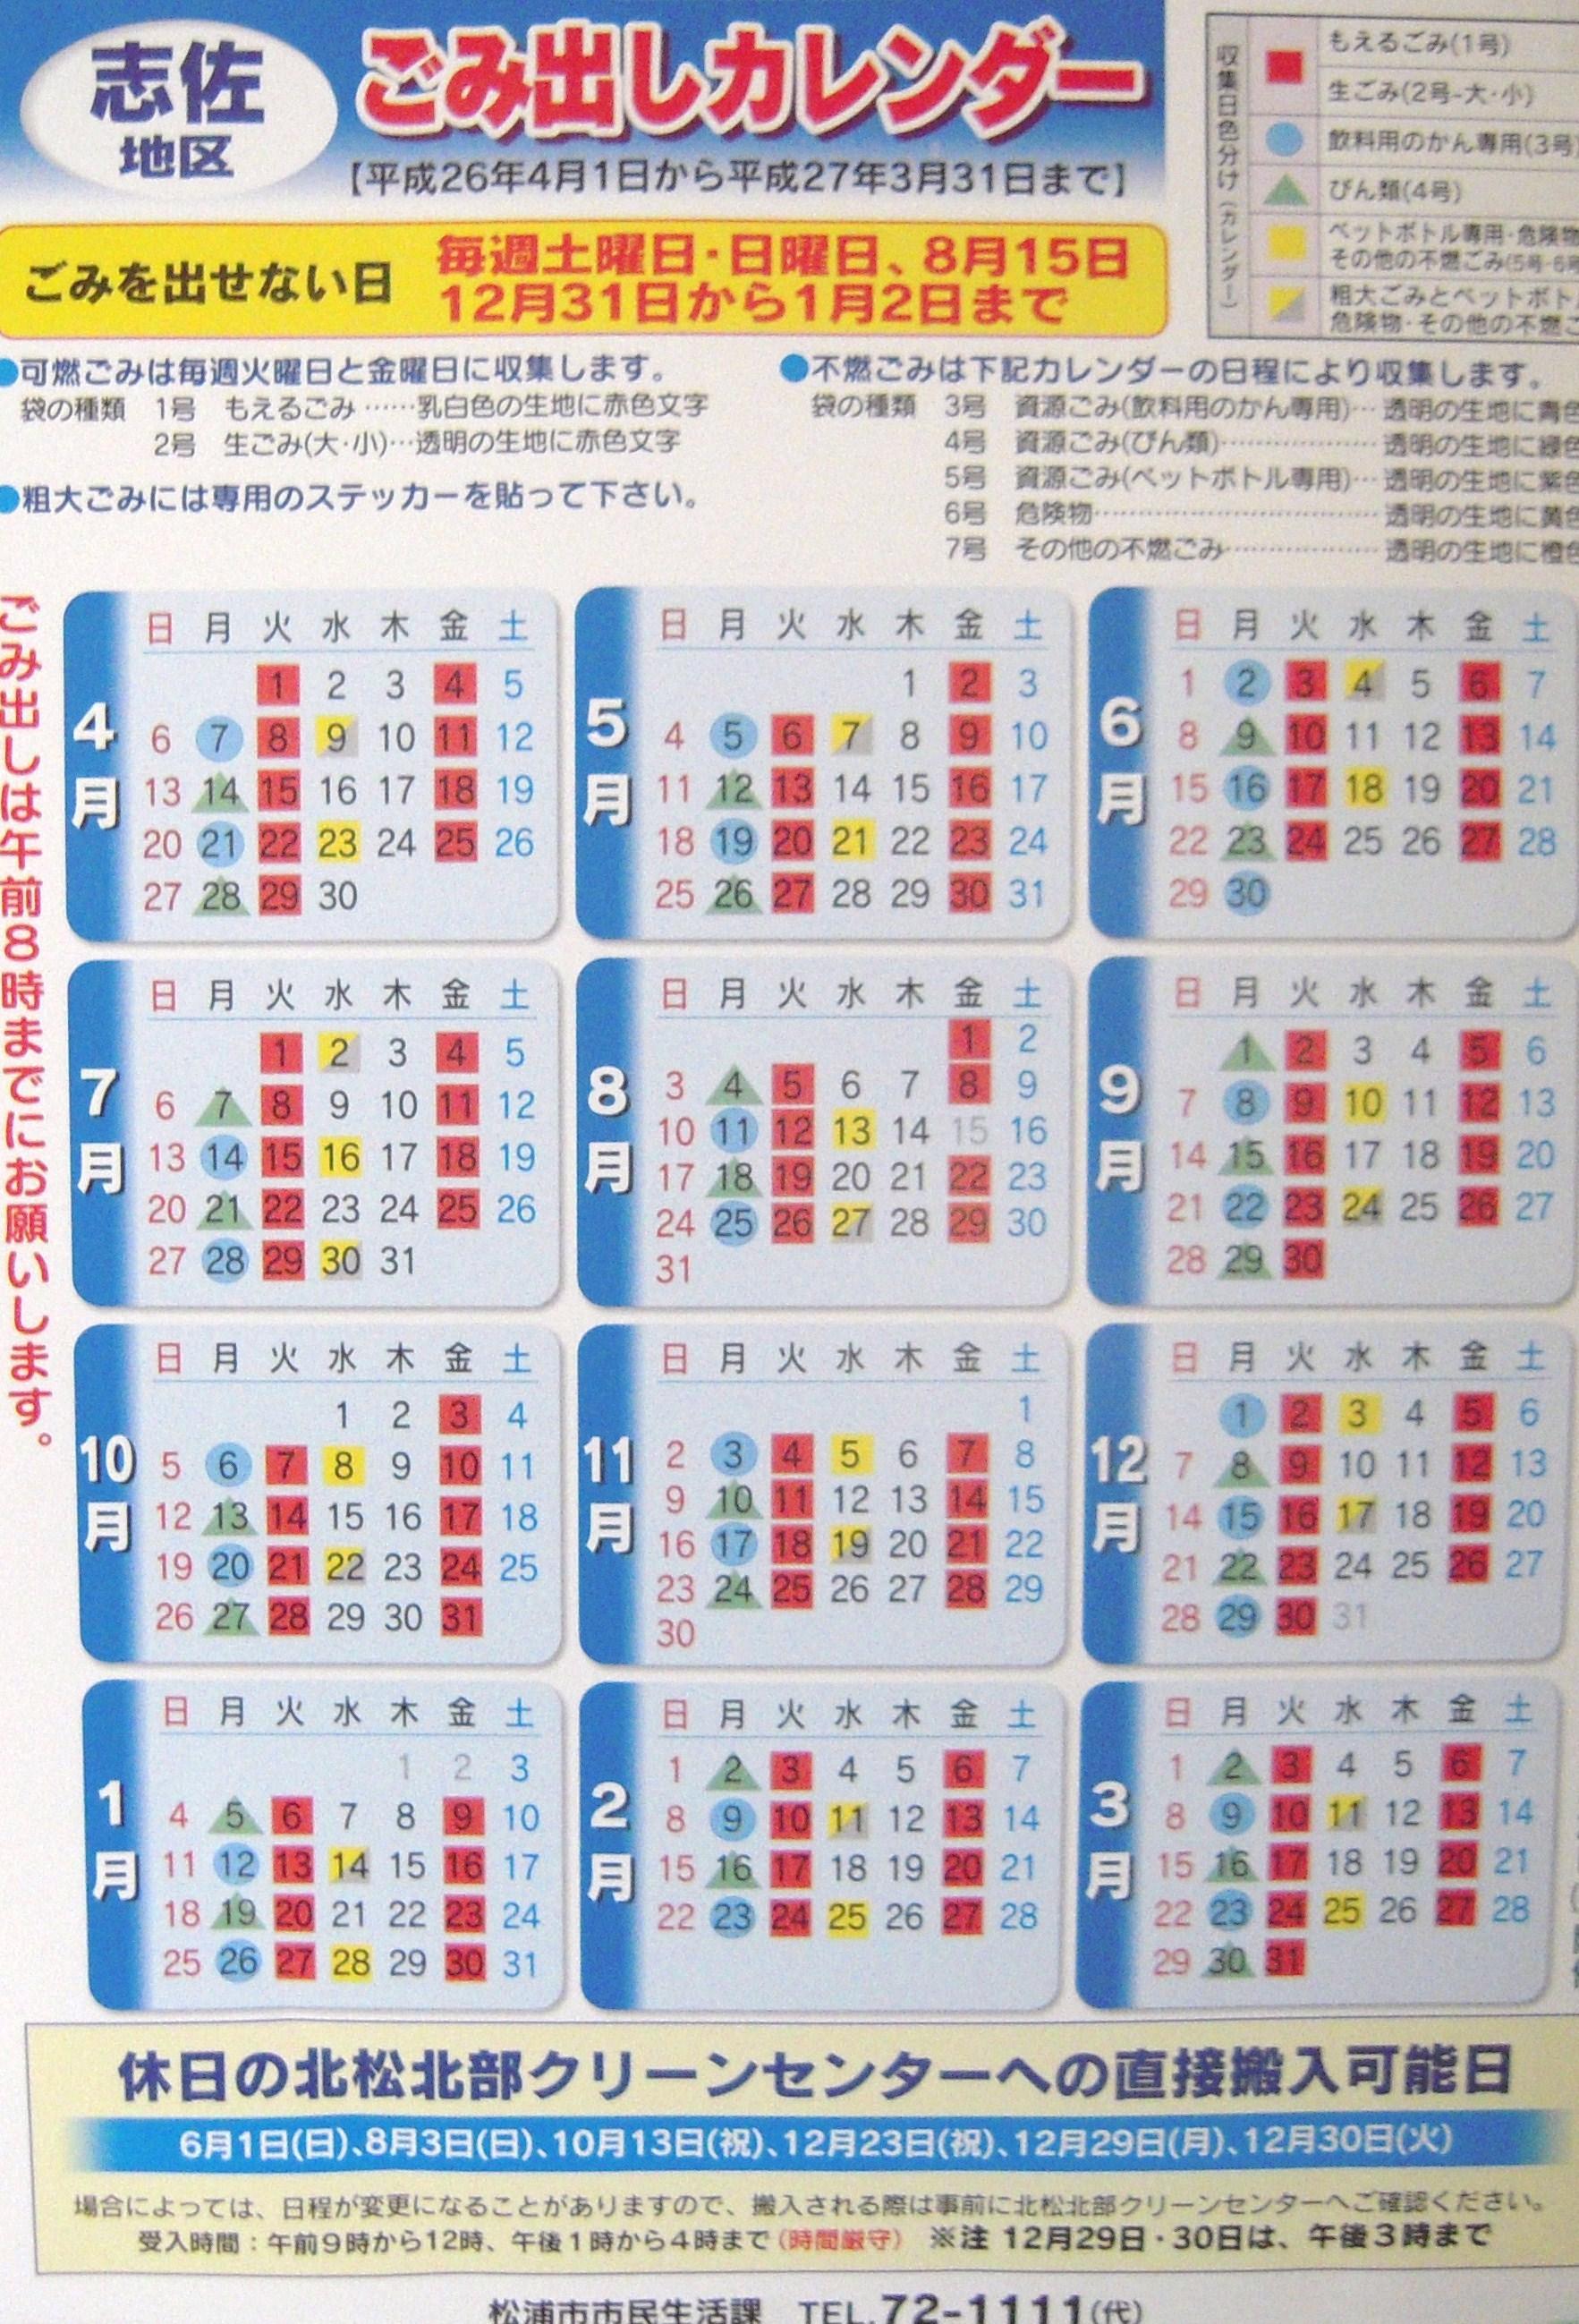 松浦市ゴミ回収カレンダー2014年度_志佐